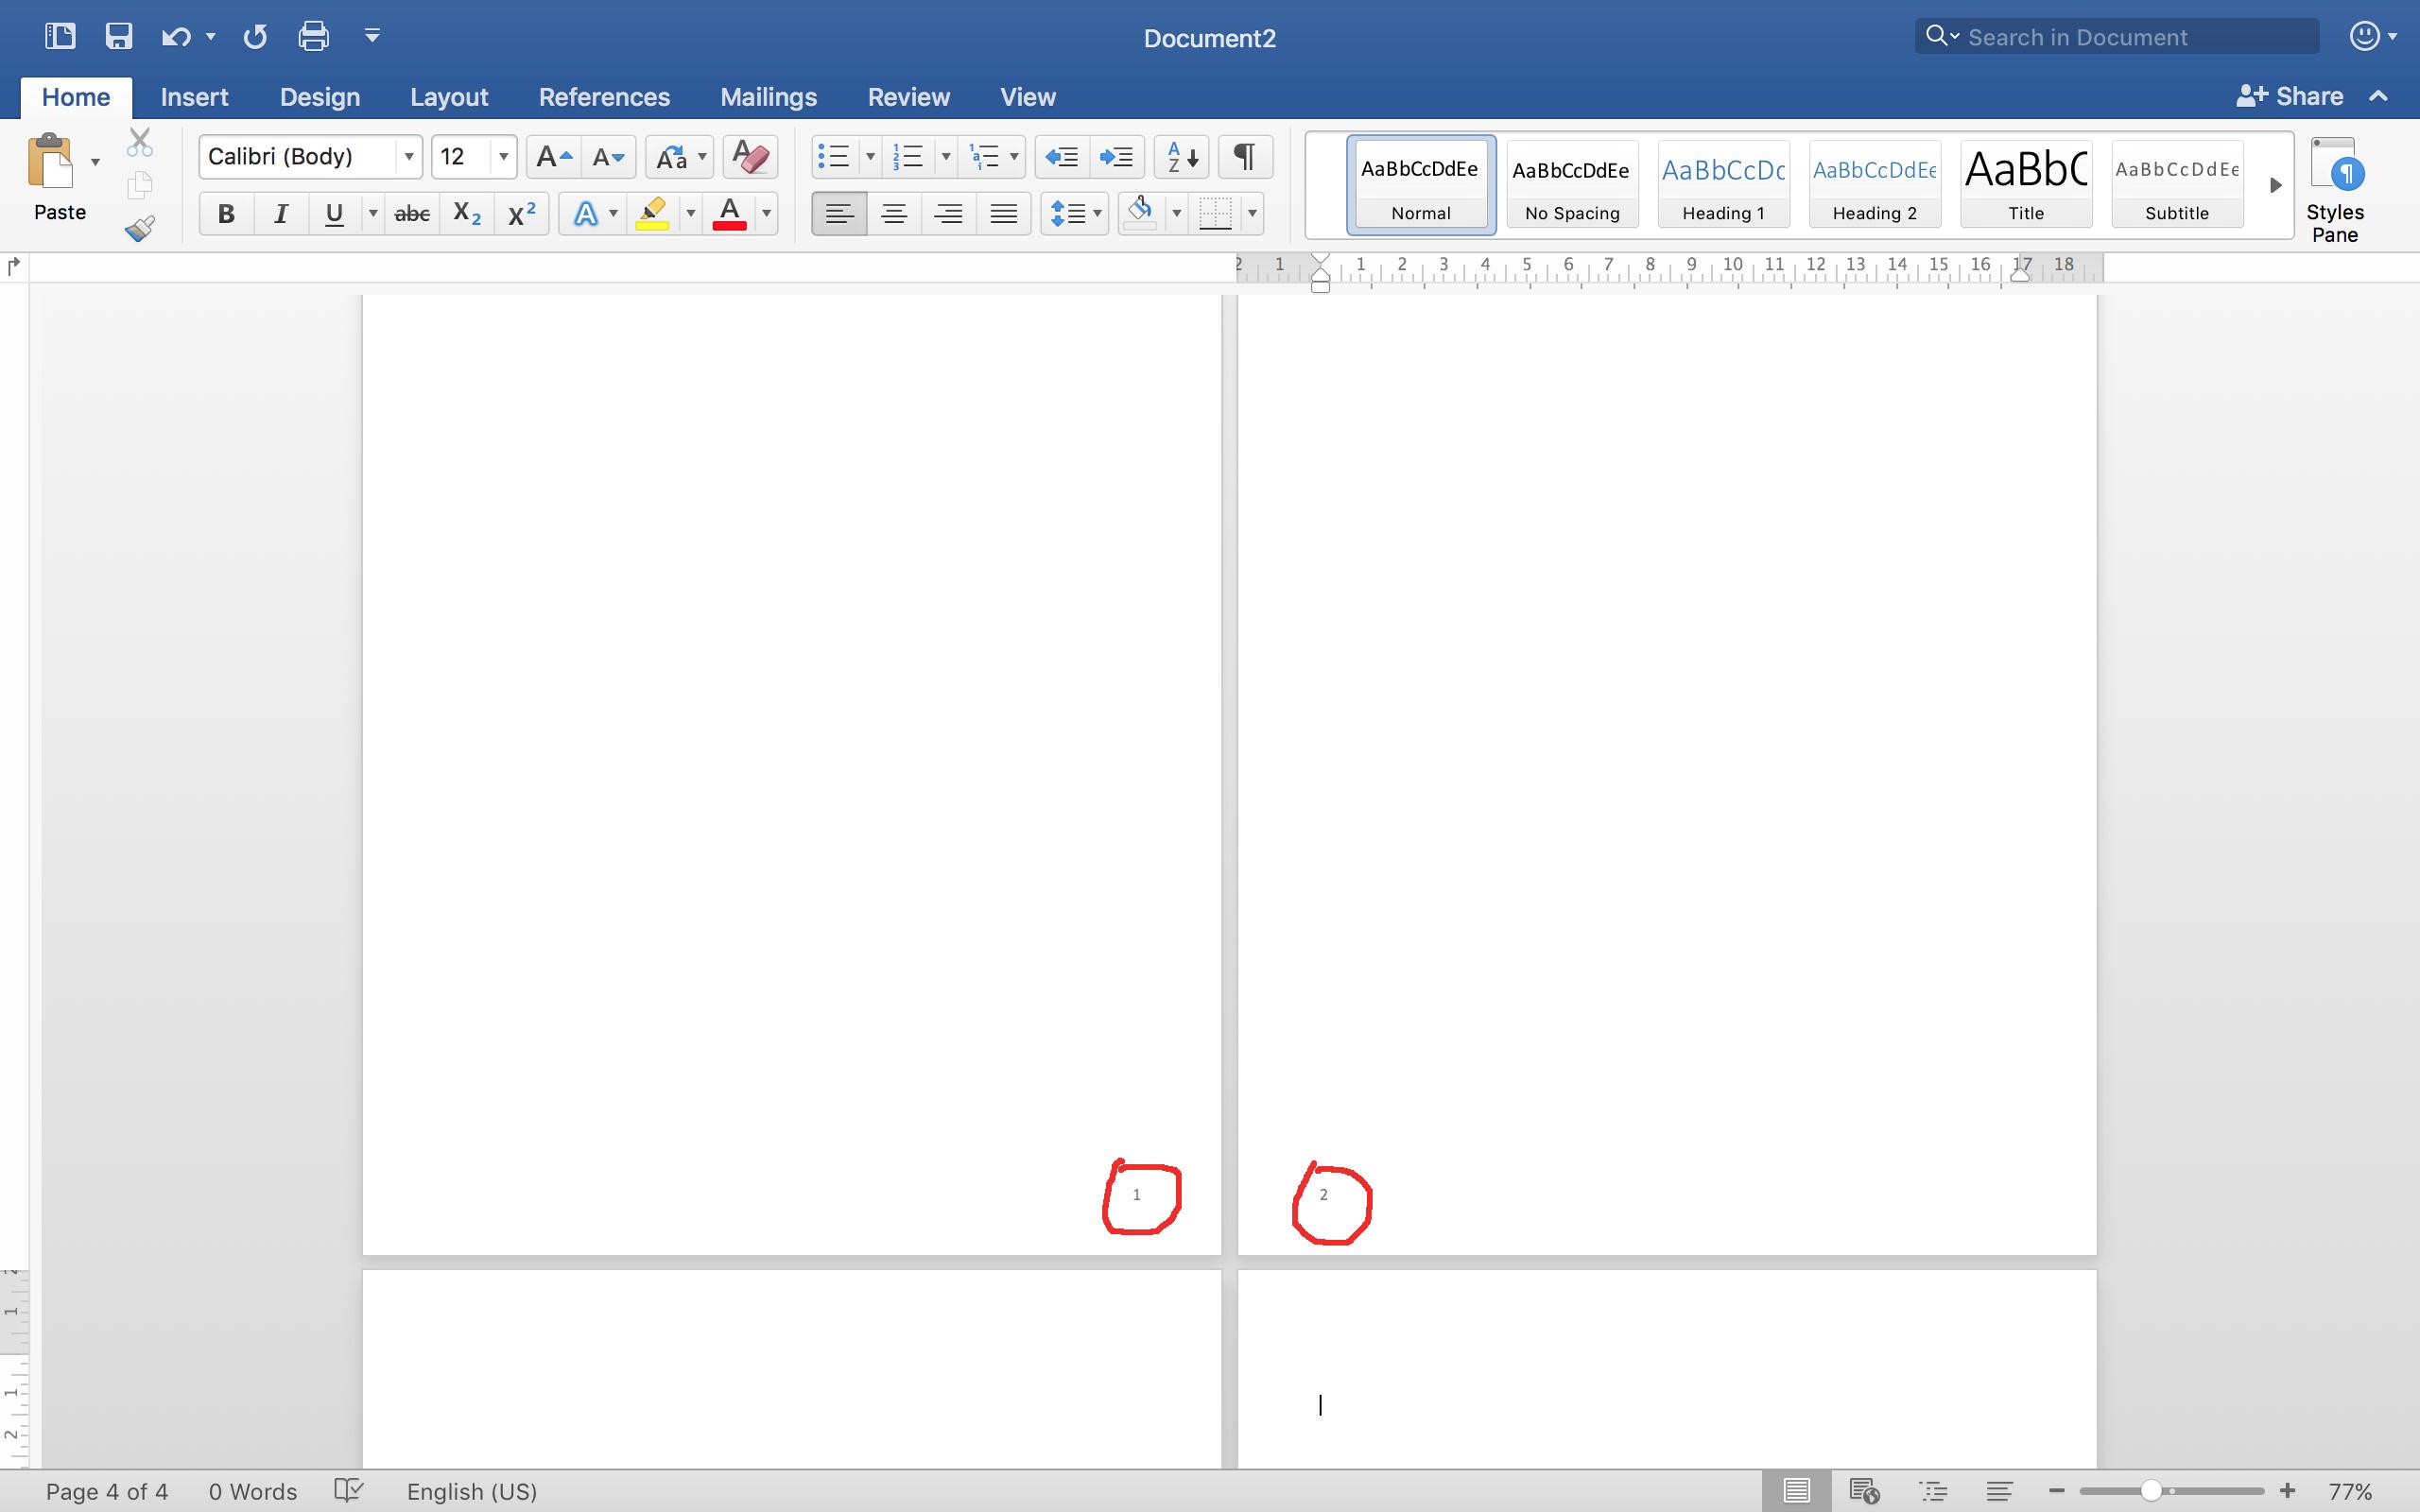 Cara Mudah Membuat Buku Dengan Microsoft Word Print On Demand